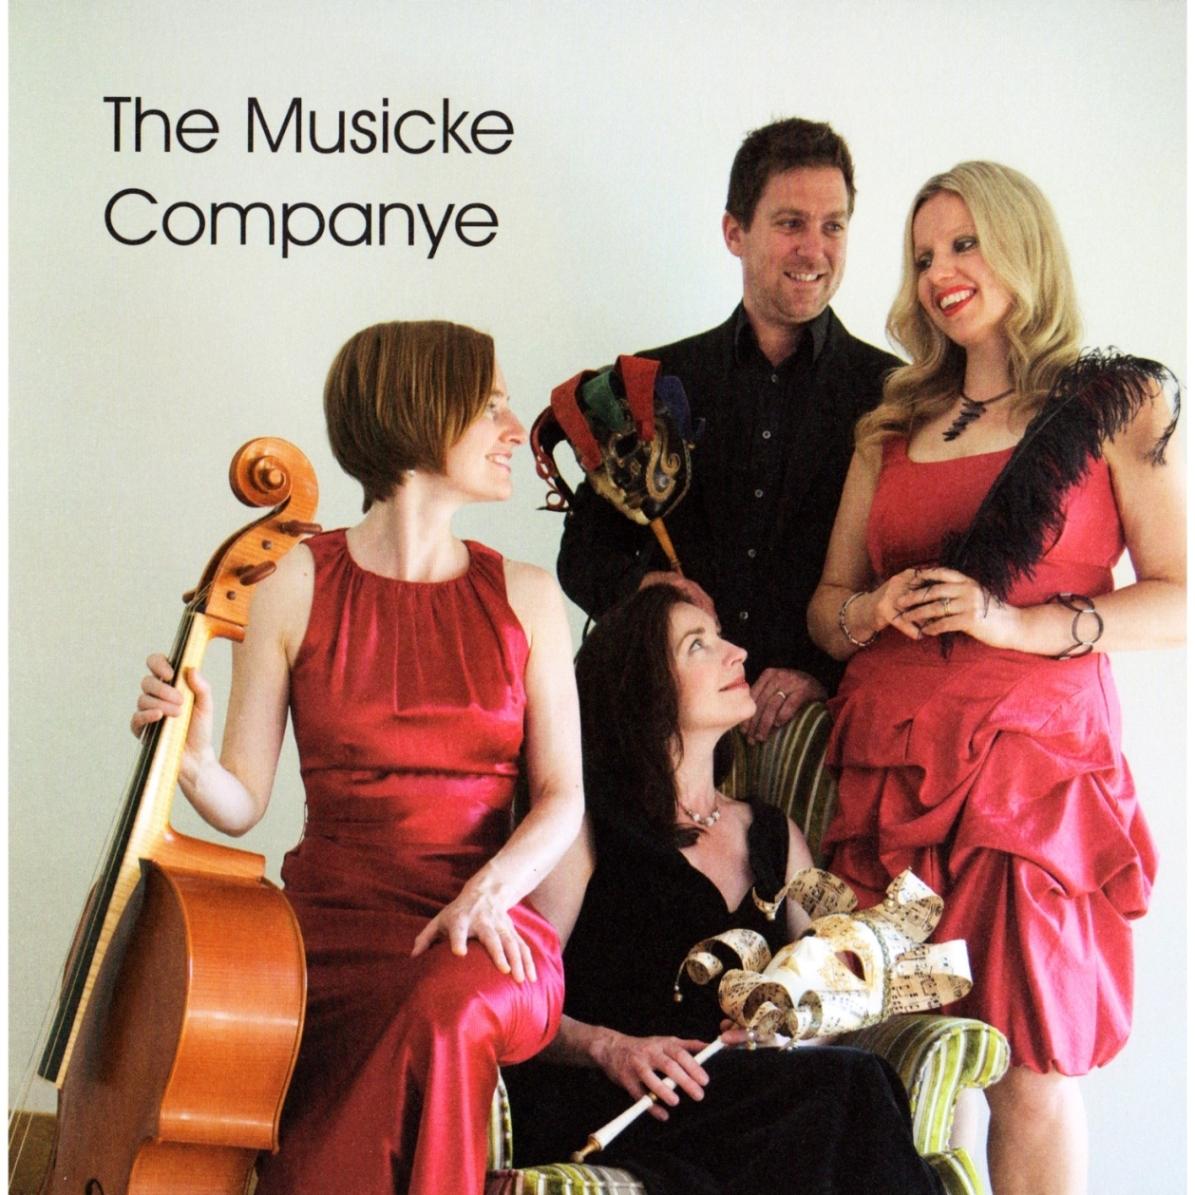 The Musicke Companye